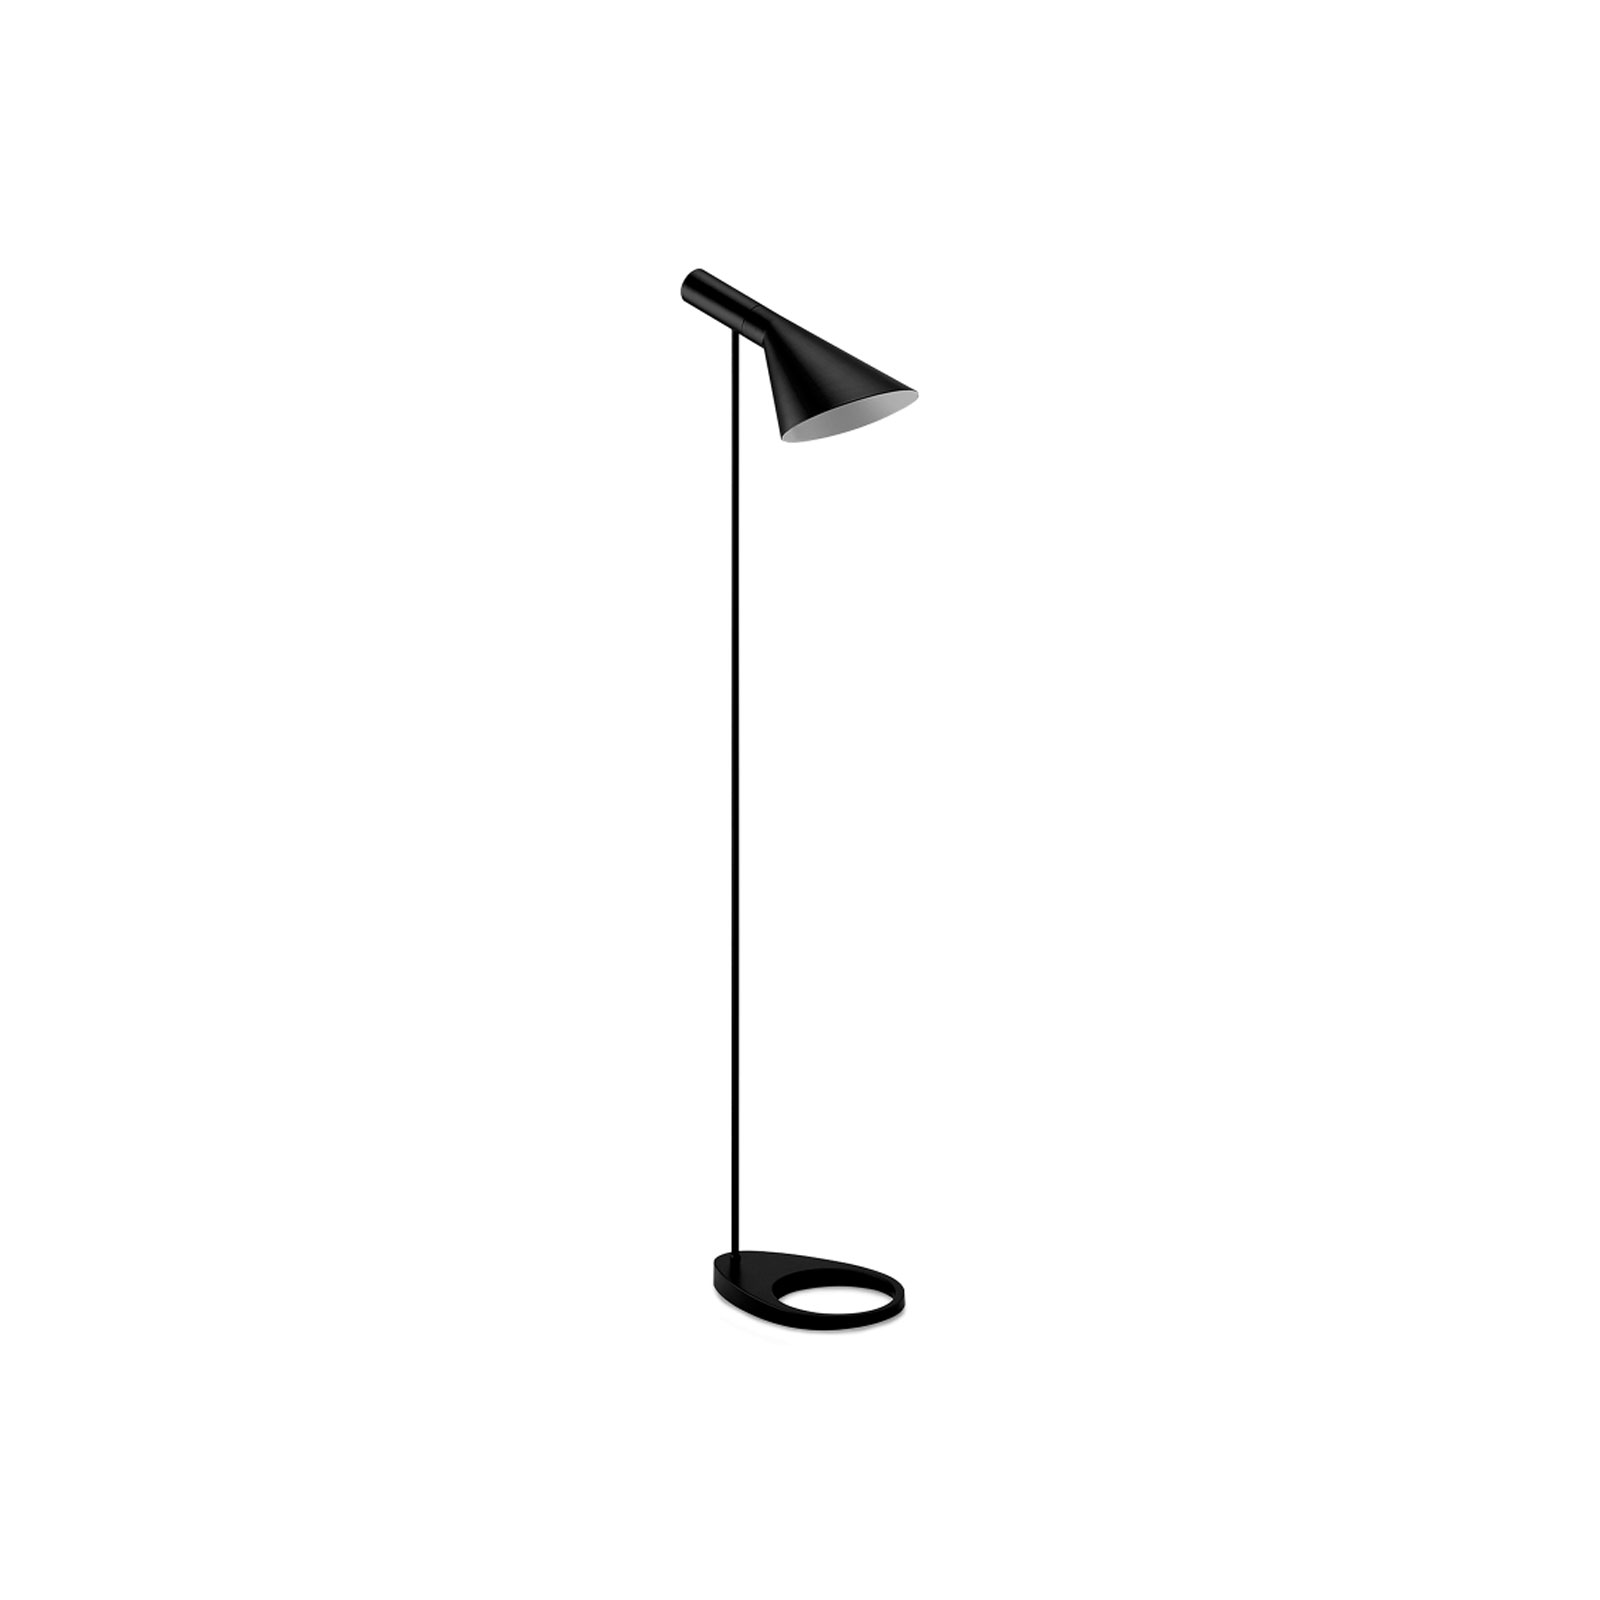 AJ Floor Lamp - For the Enteral Lighting